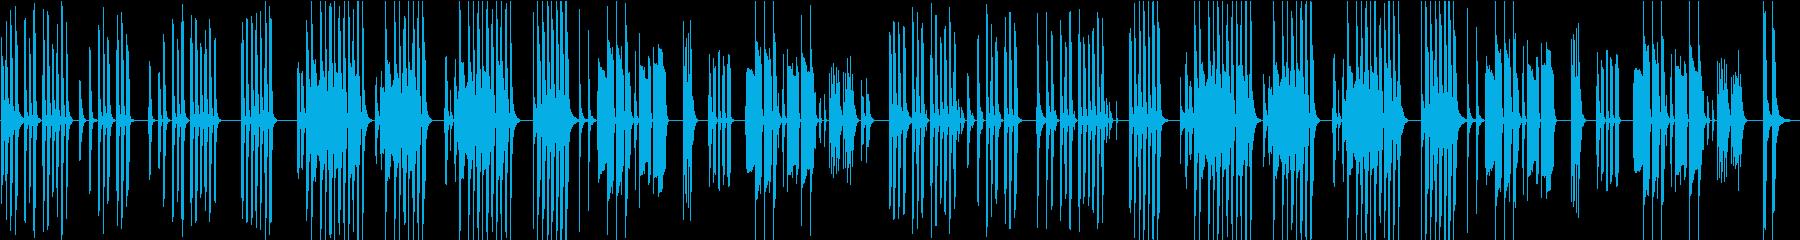 コミカルで温かみのあるおどけた曲の再生済みの波形